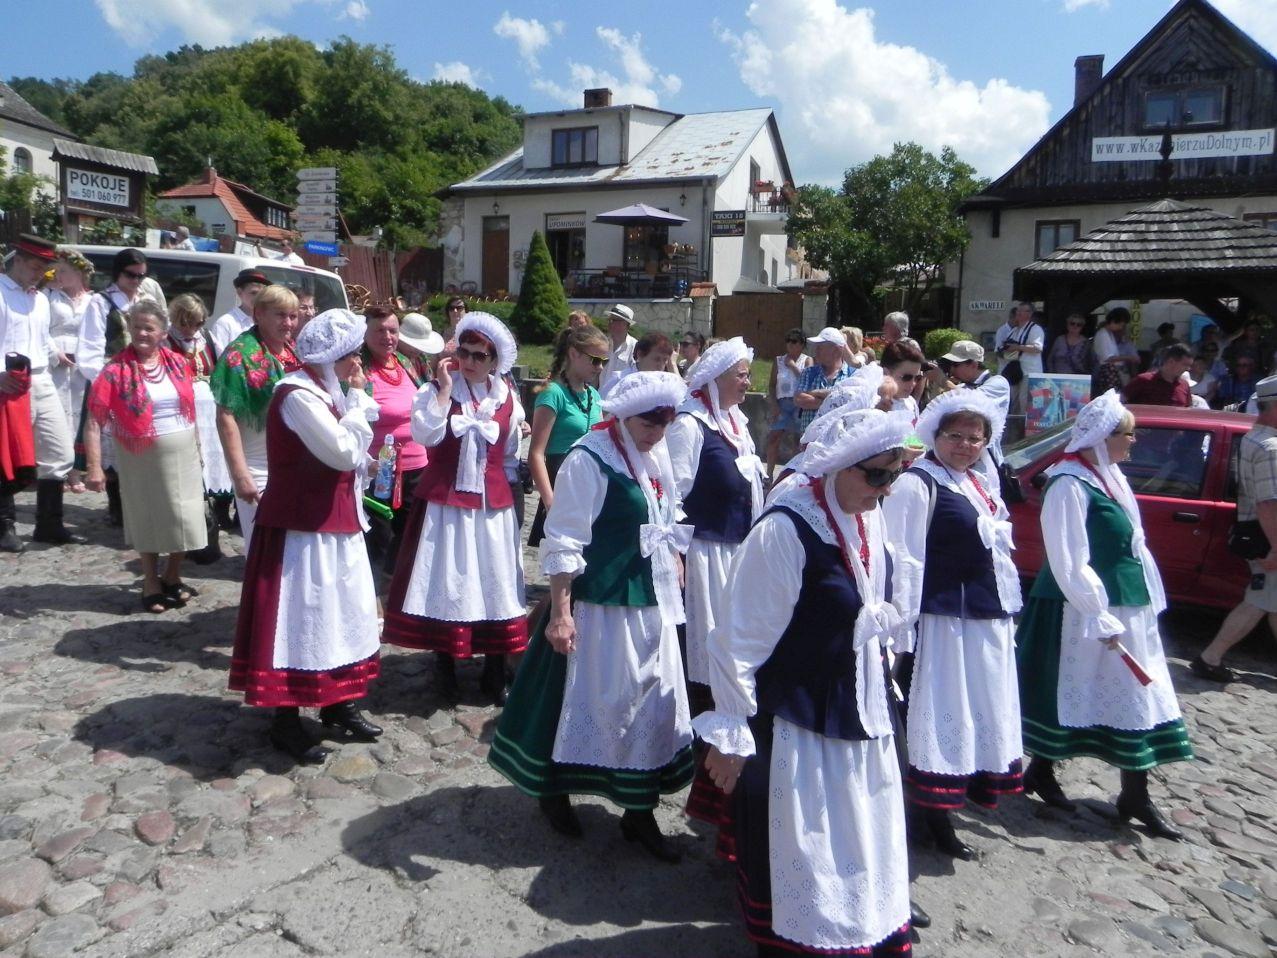 2016-06-26 Kazimierz Dolny - festiwal (113)